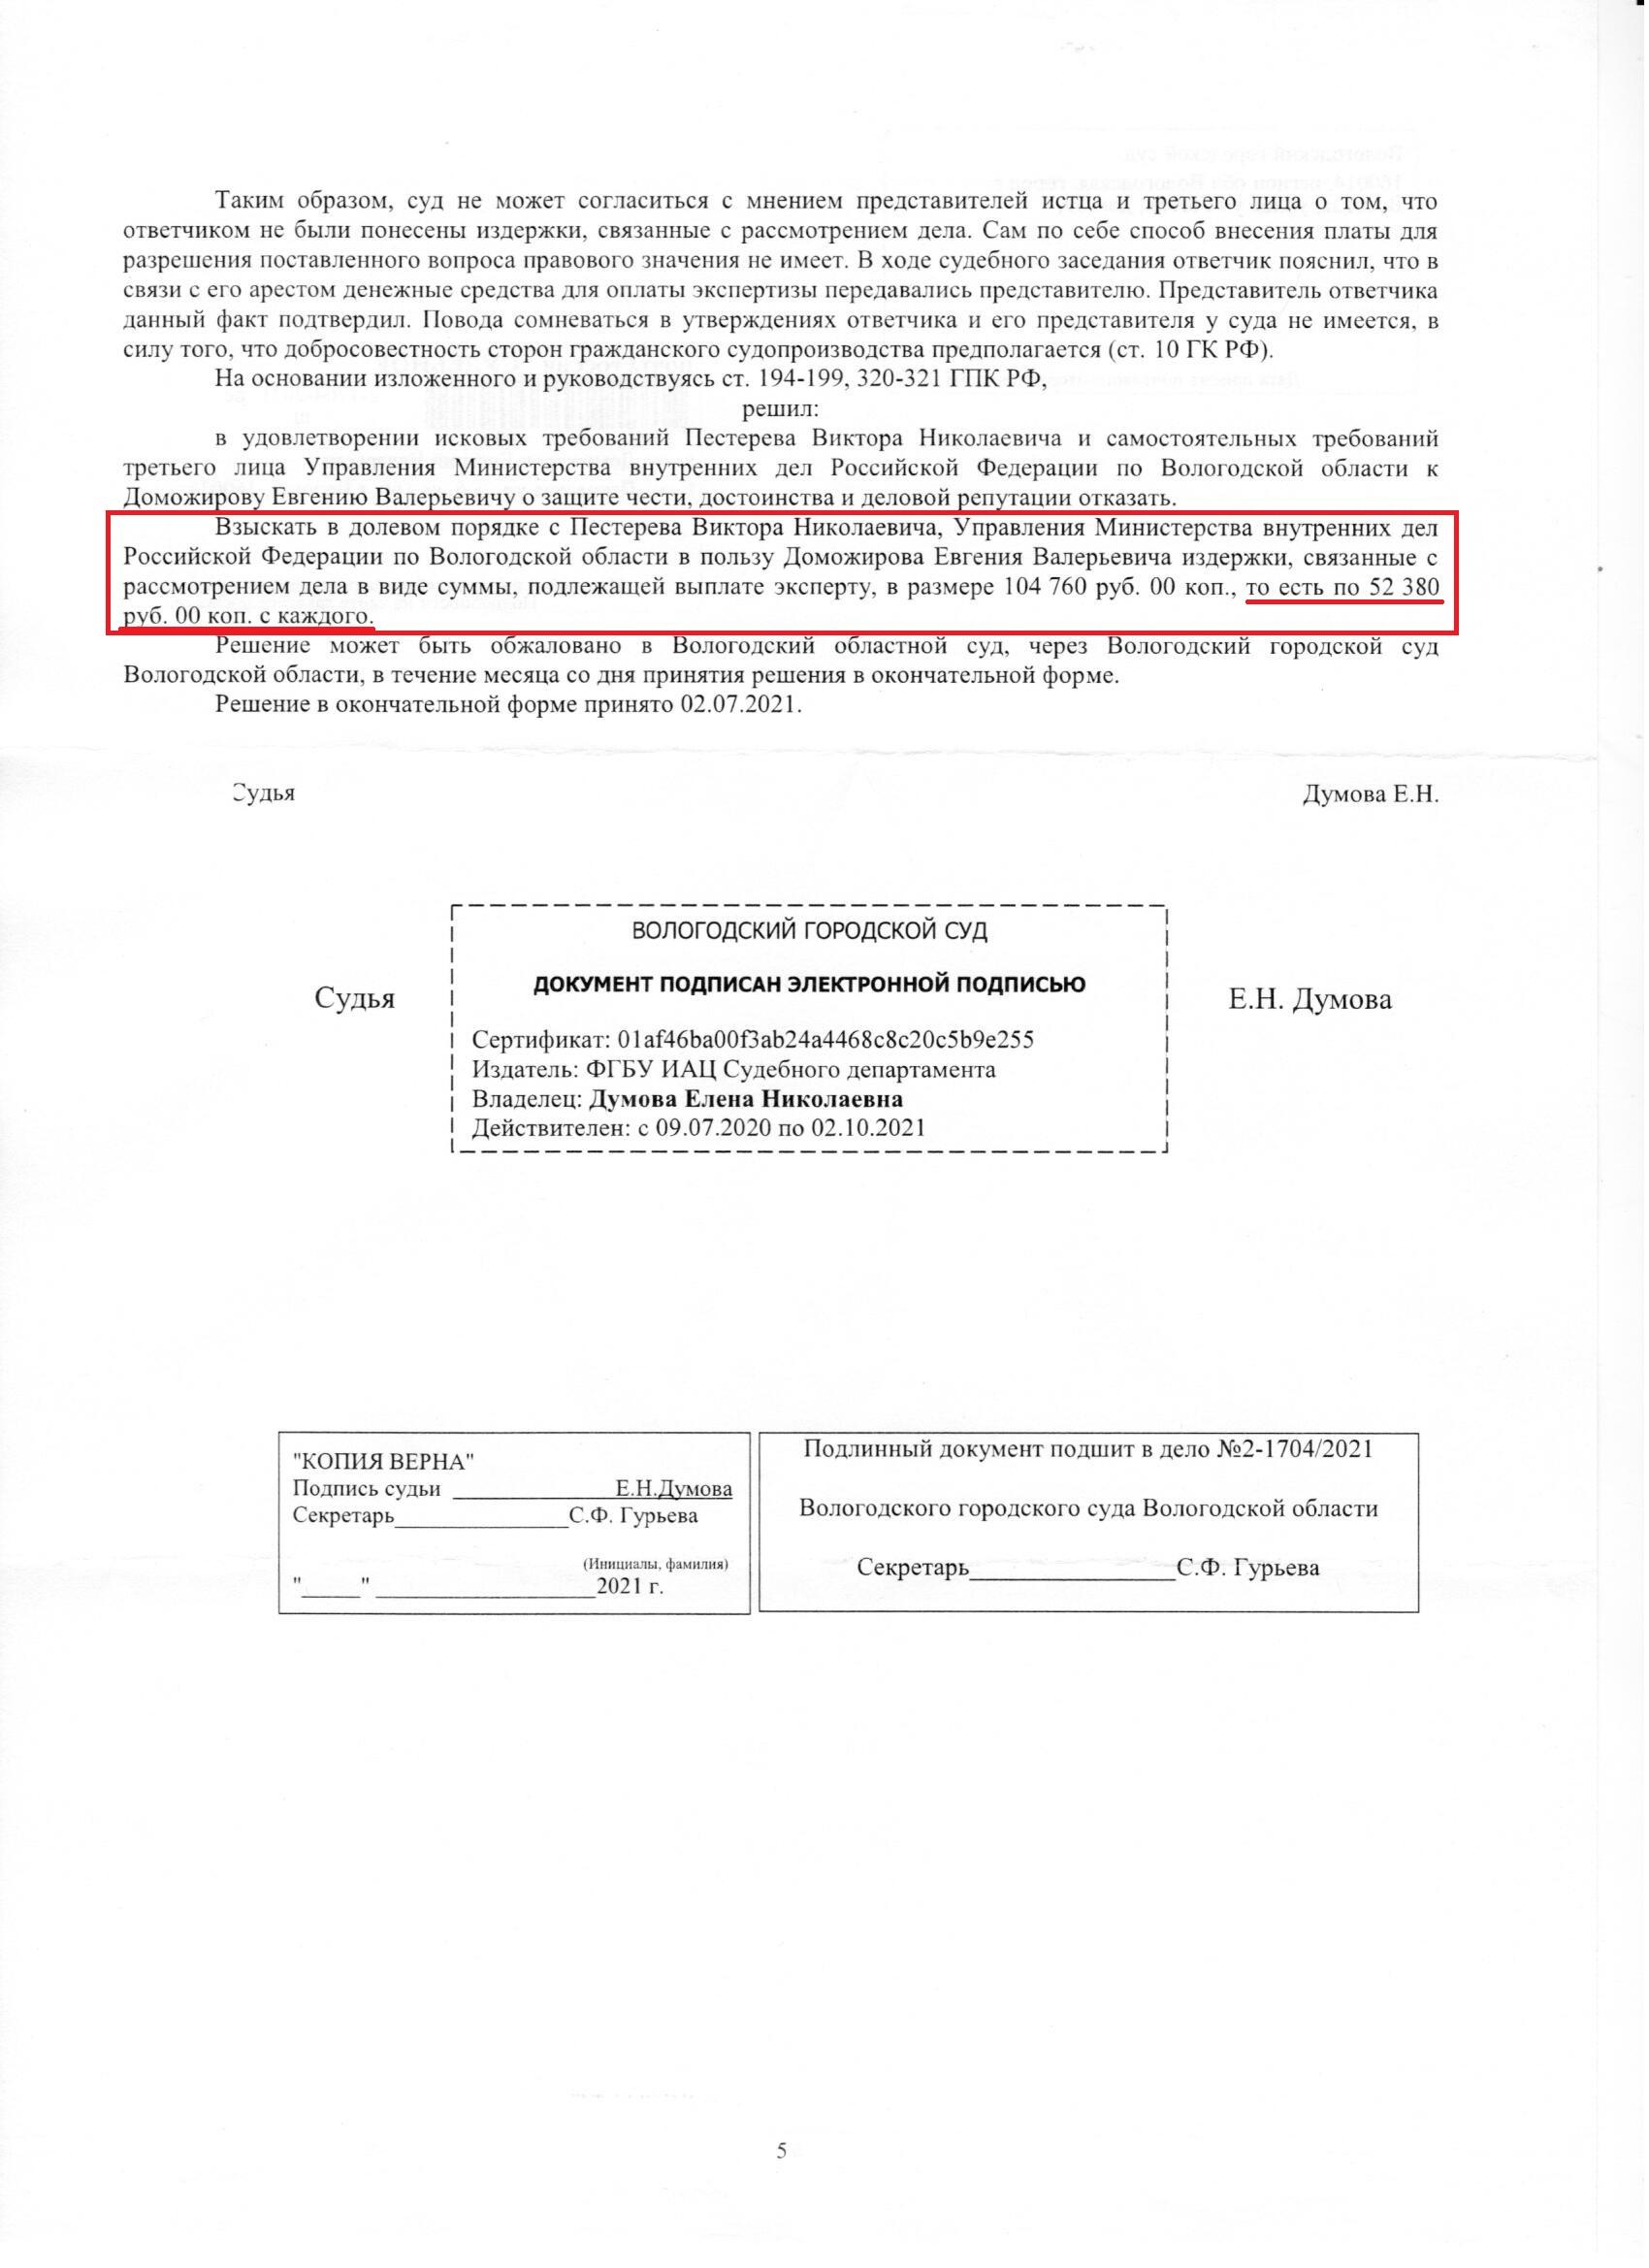 Решение_суда_по_чести_и_достоинству_генерала_Пестерева_стр_5.jpg